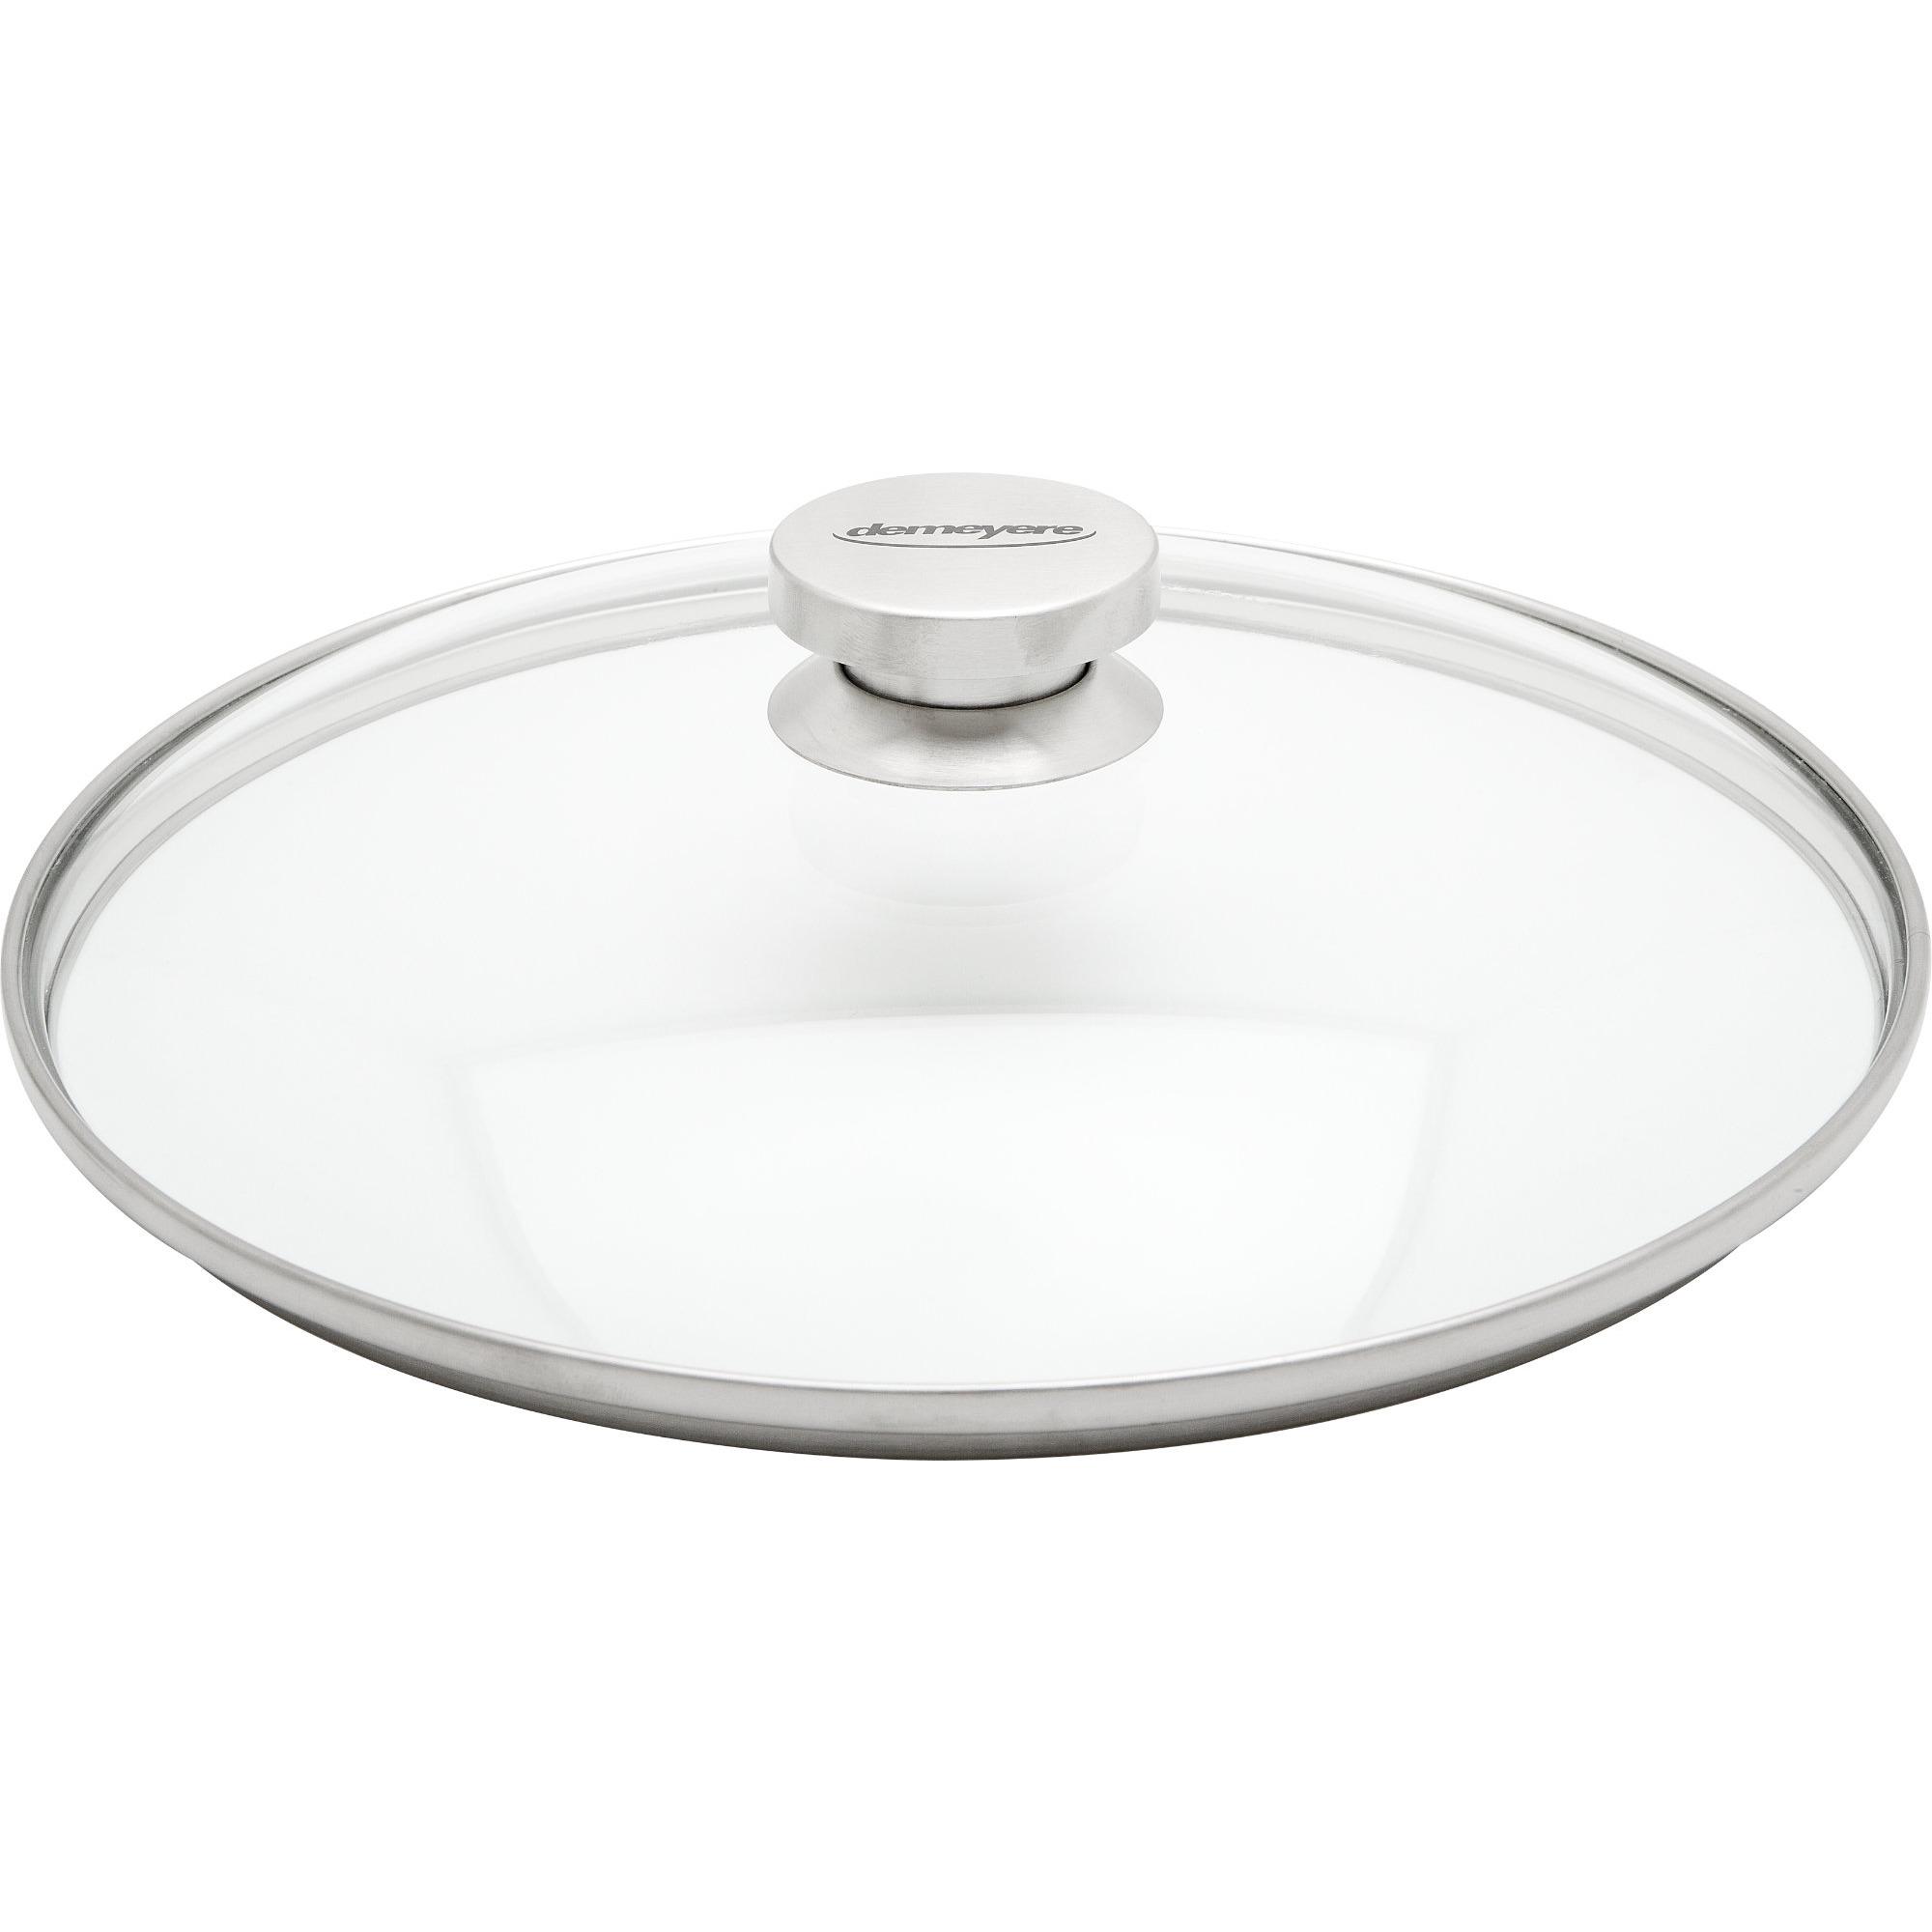 Demeyere Specialties Lock 28 cm Glas med Stålknopp